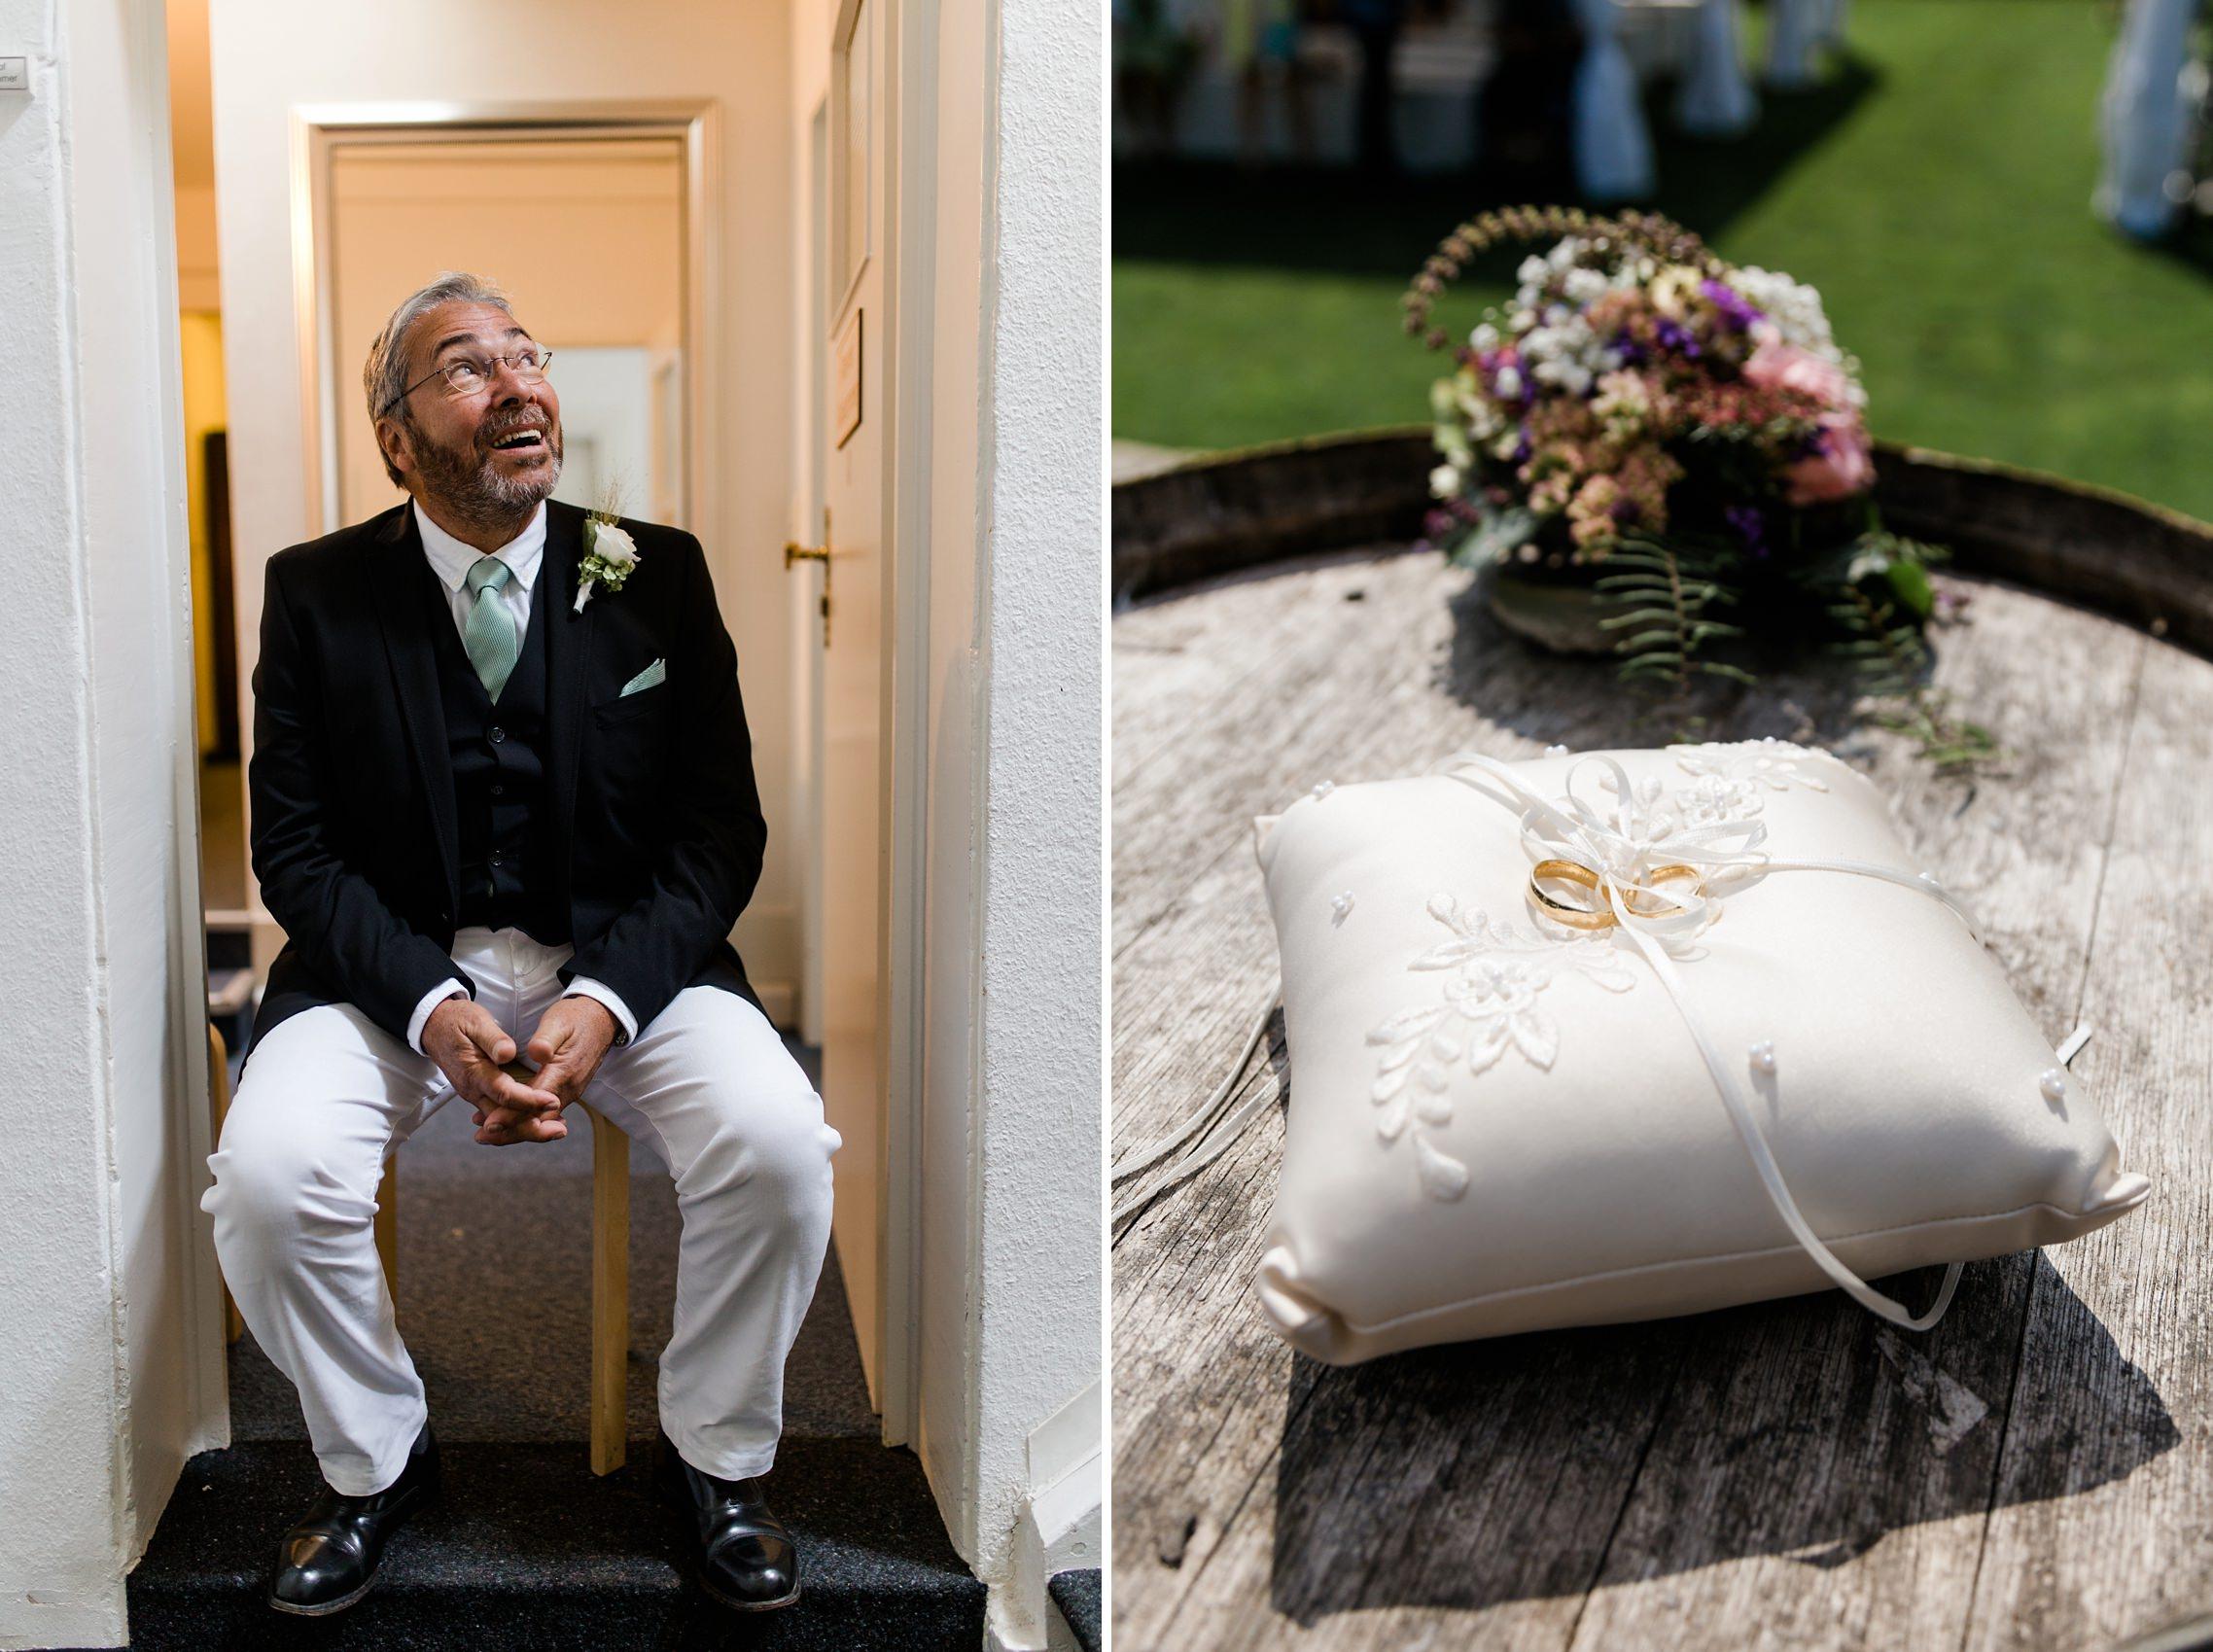 Der Brautvater sitzt auf einem Stuhl im Treppenhaus im Weingut Fitz-Ritter in Bad Dürkheim und wartet auf seine Tochter. Daneben sind die Trauringe auf dem Ringkissen zu sehen.